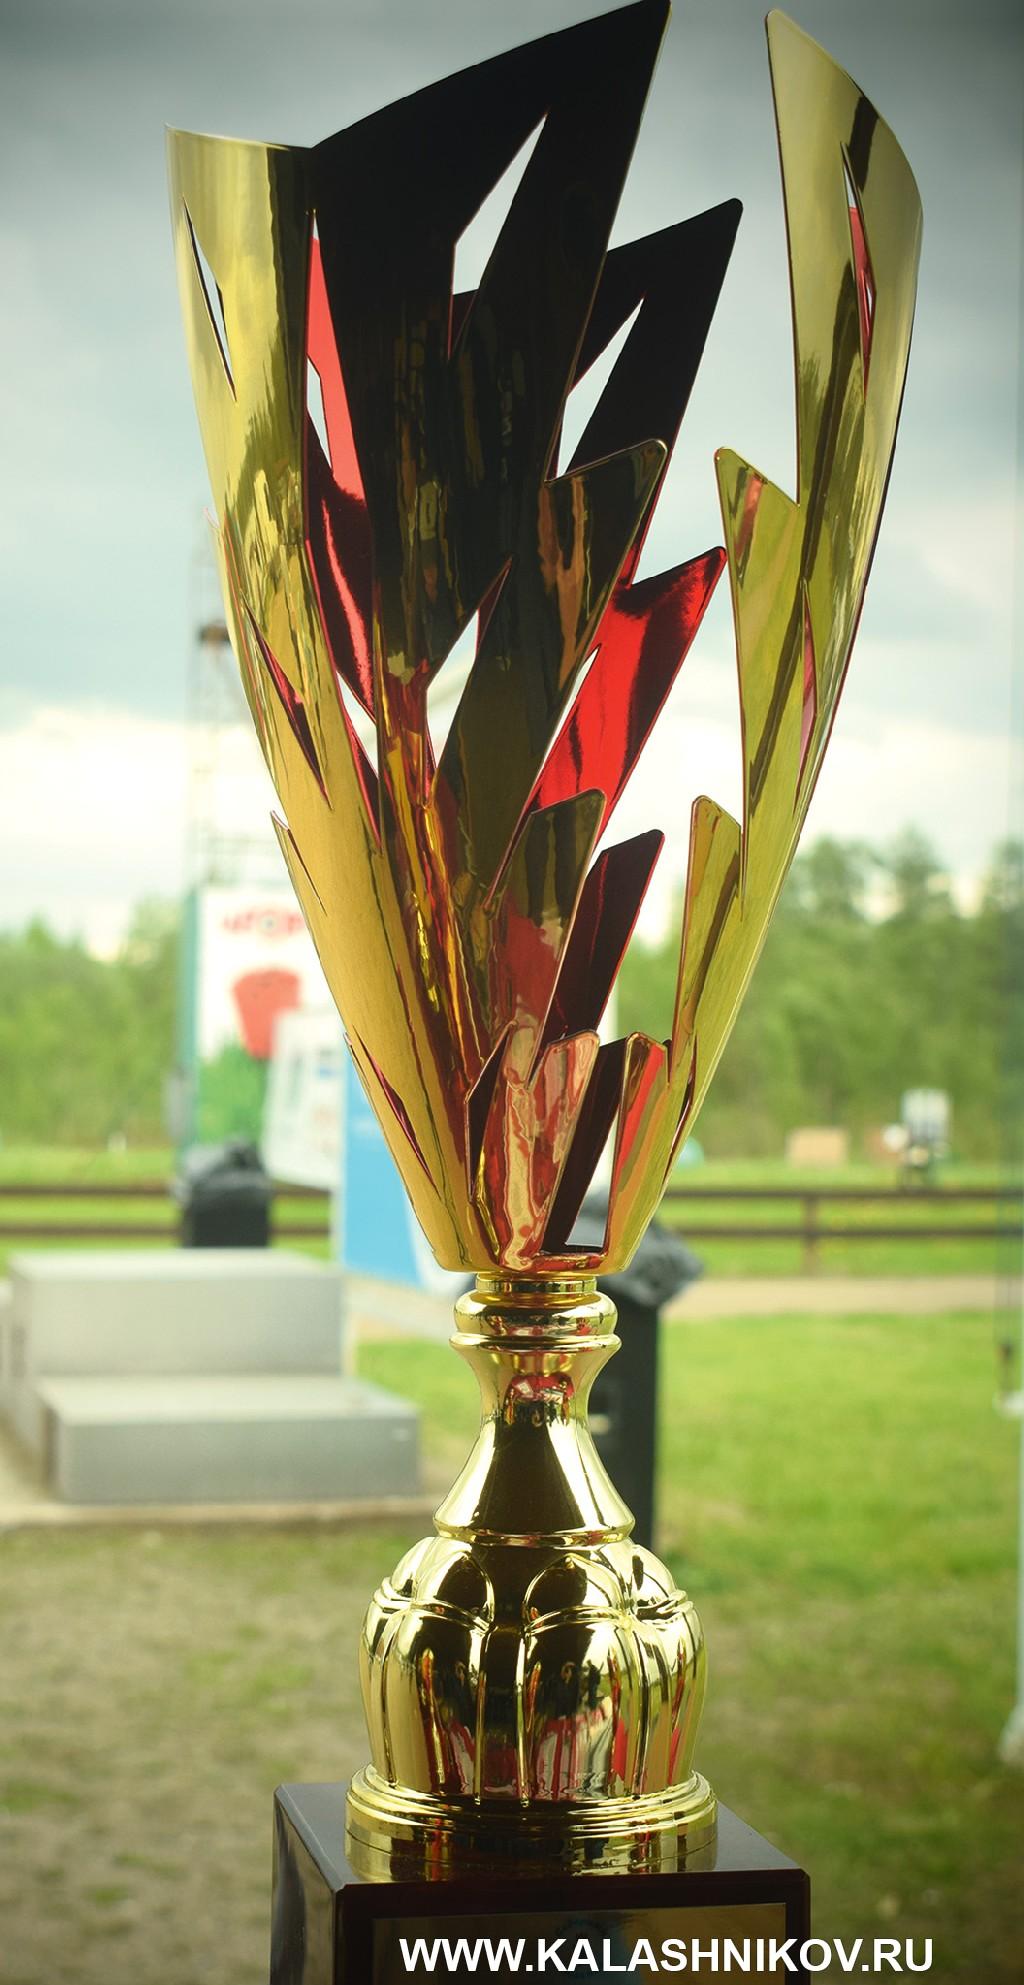 Кубок стендового турнира «Северный тюльпан»